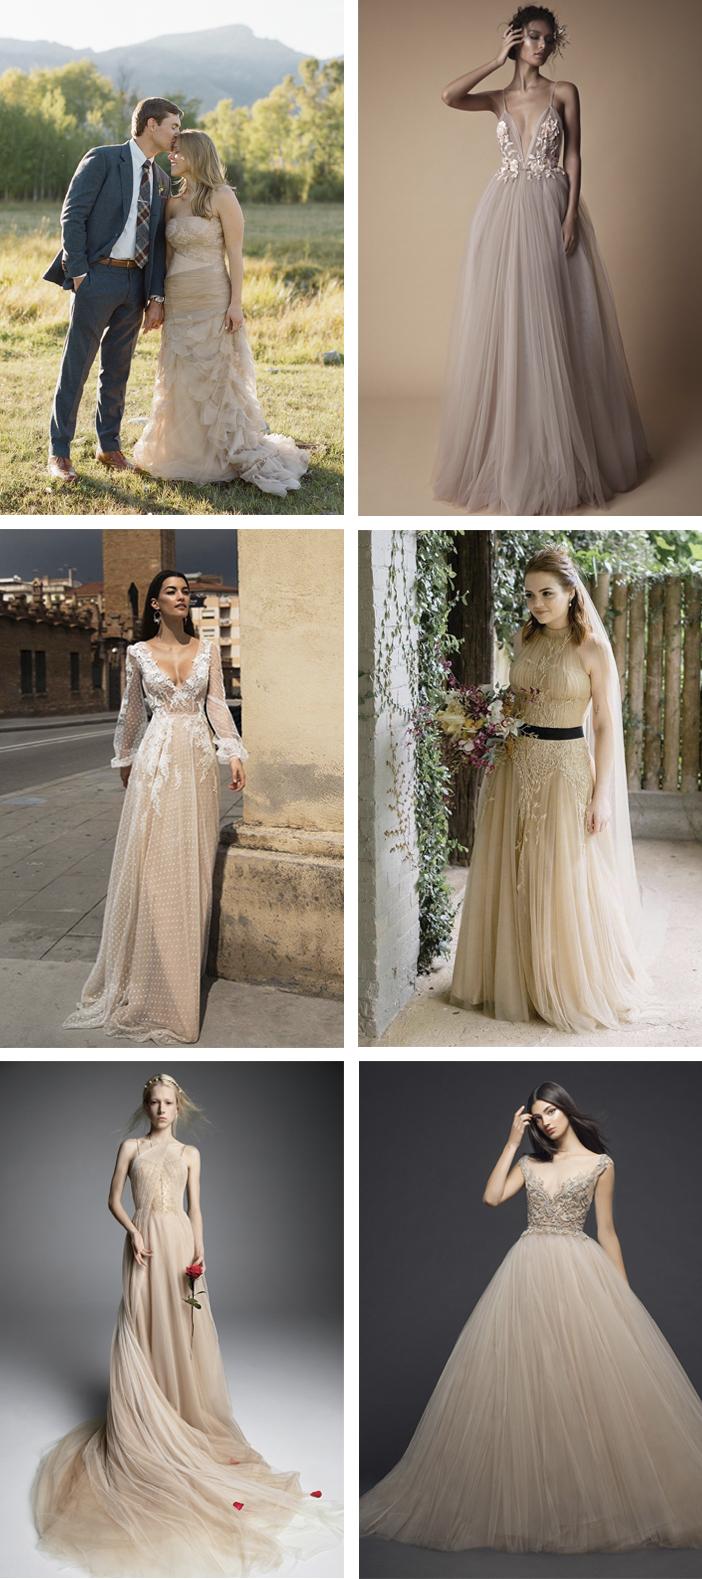 Casamento - Vestido de noiva nude